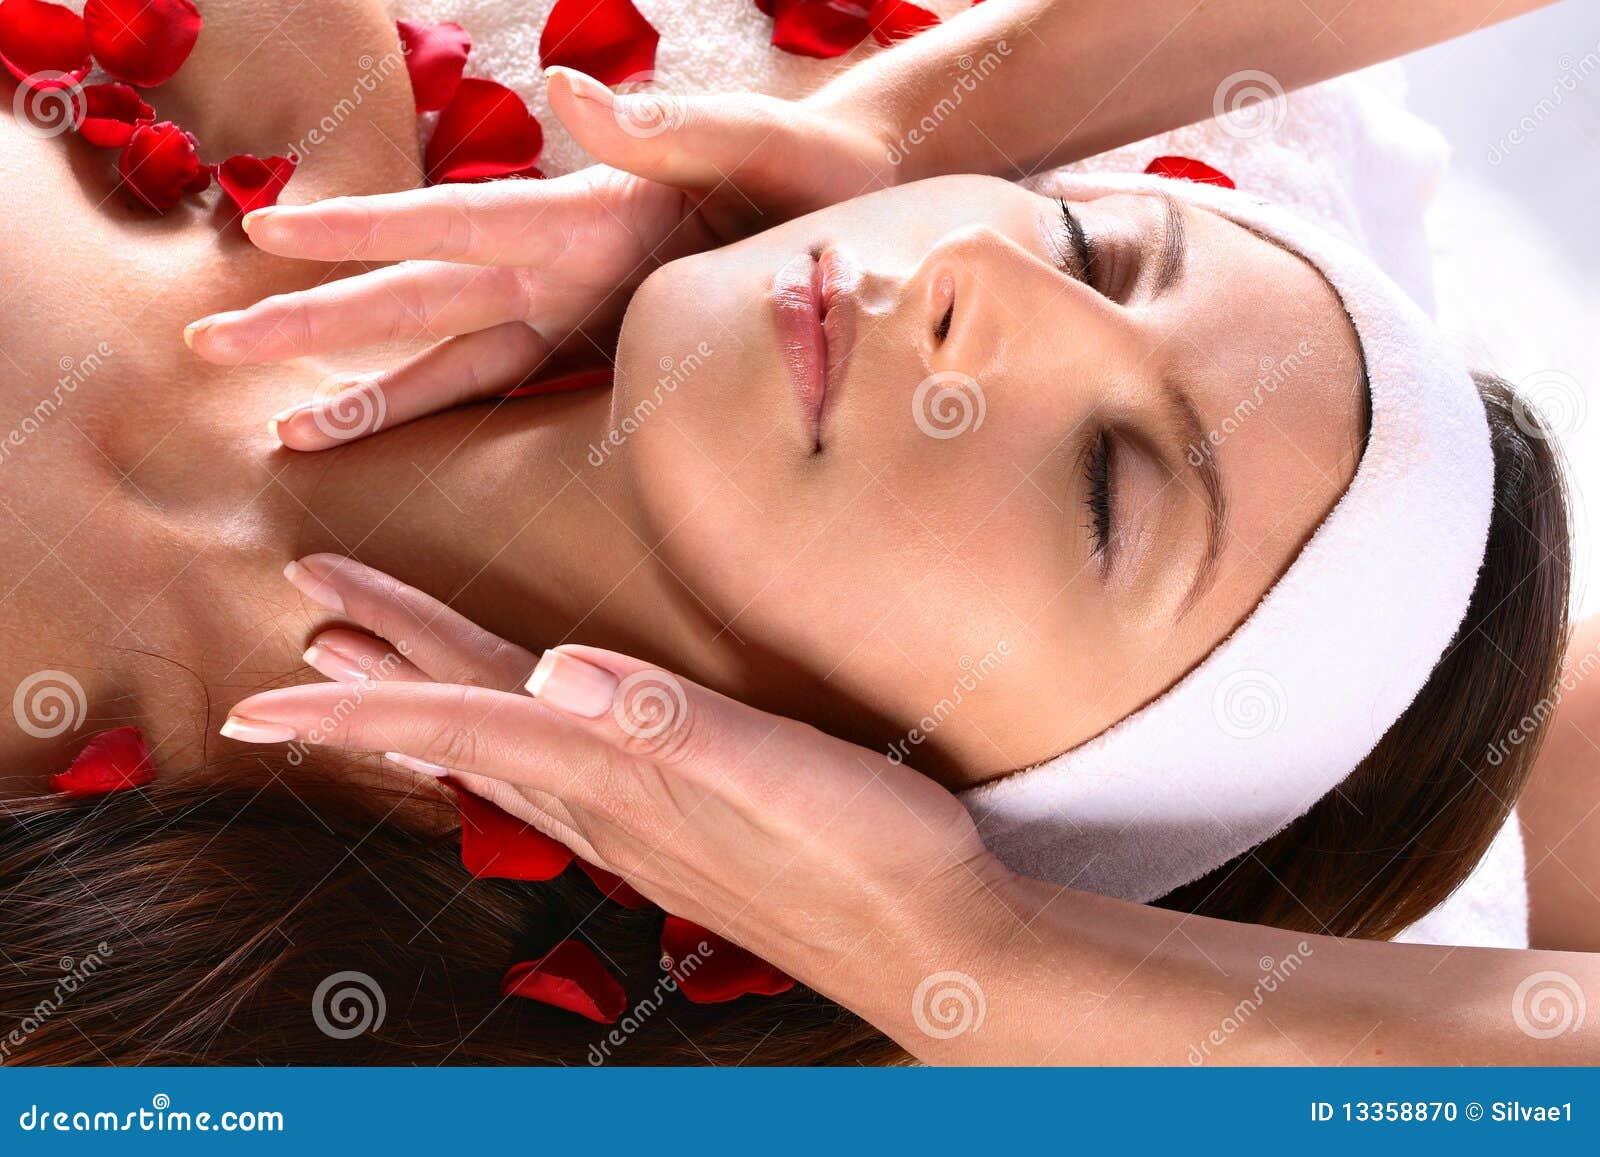 Девушки модели массаж девочка секс видео массаж